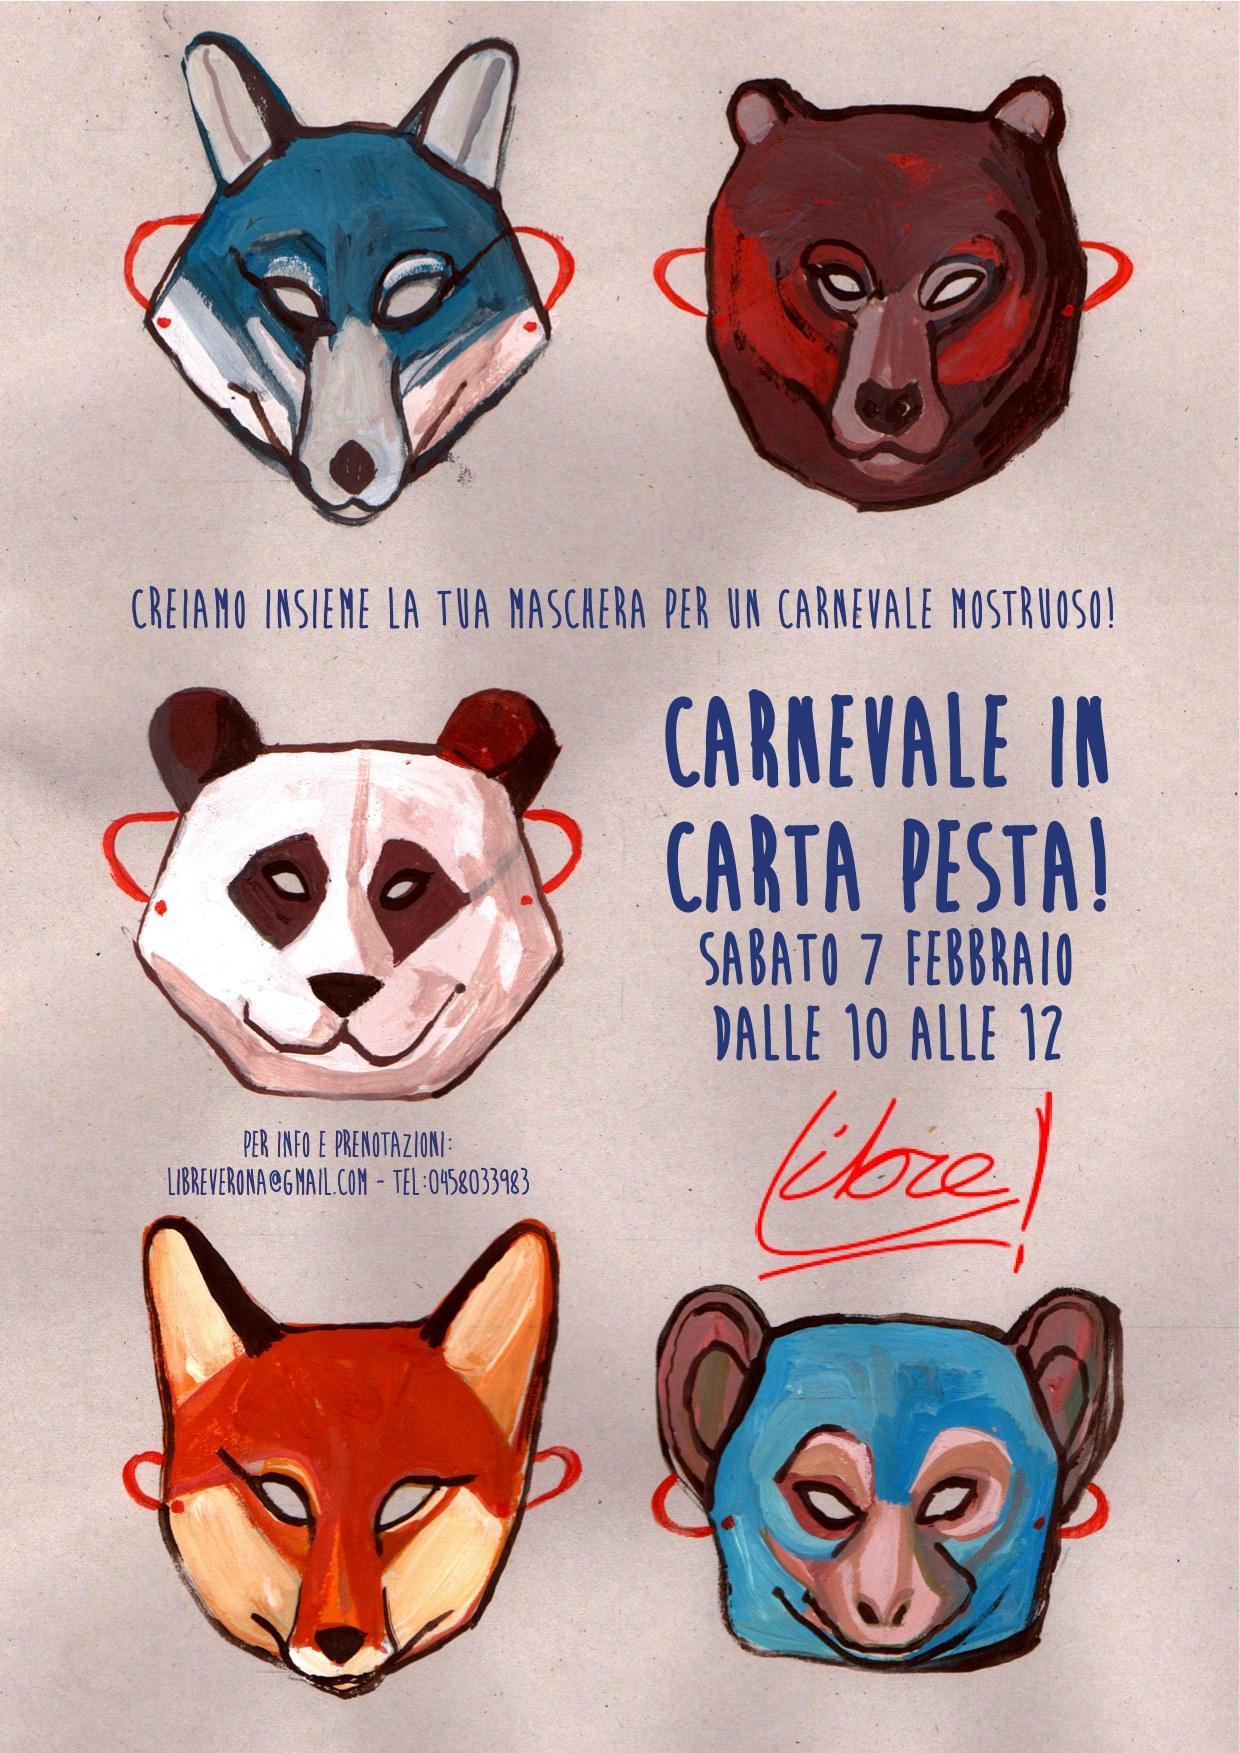 Carnevale in cartapesta laboratorio da libre dismappa for Carta per cartapesta